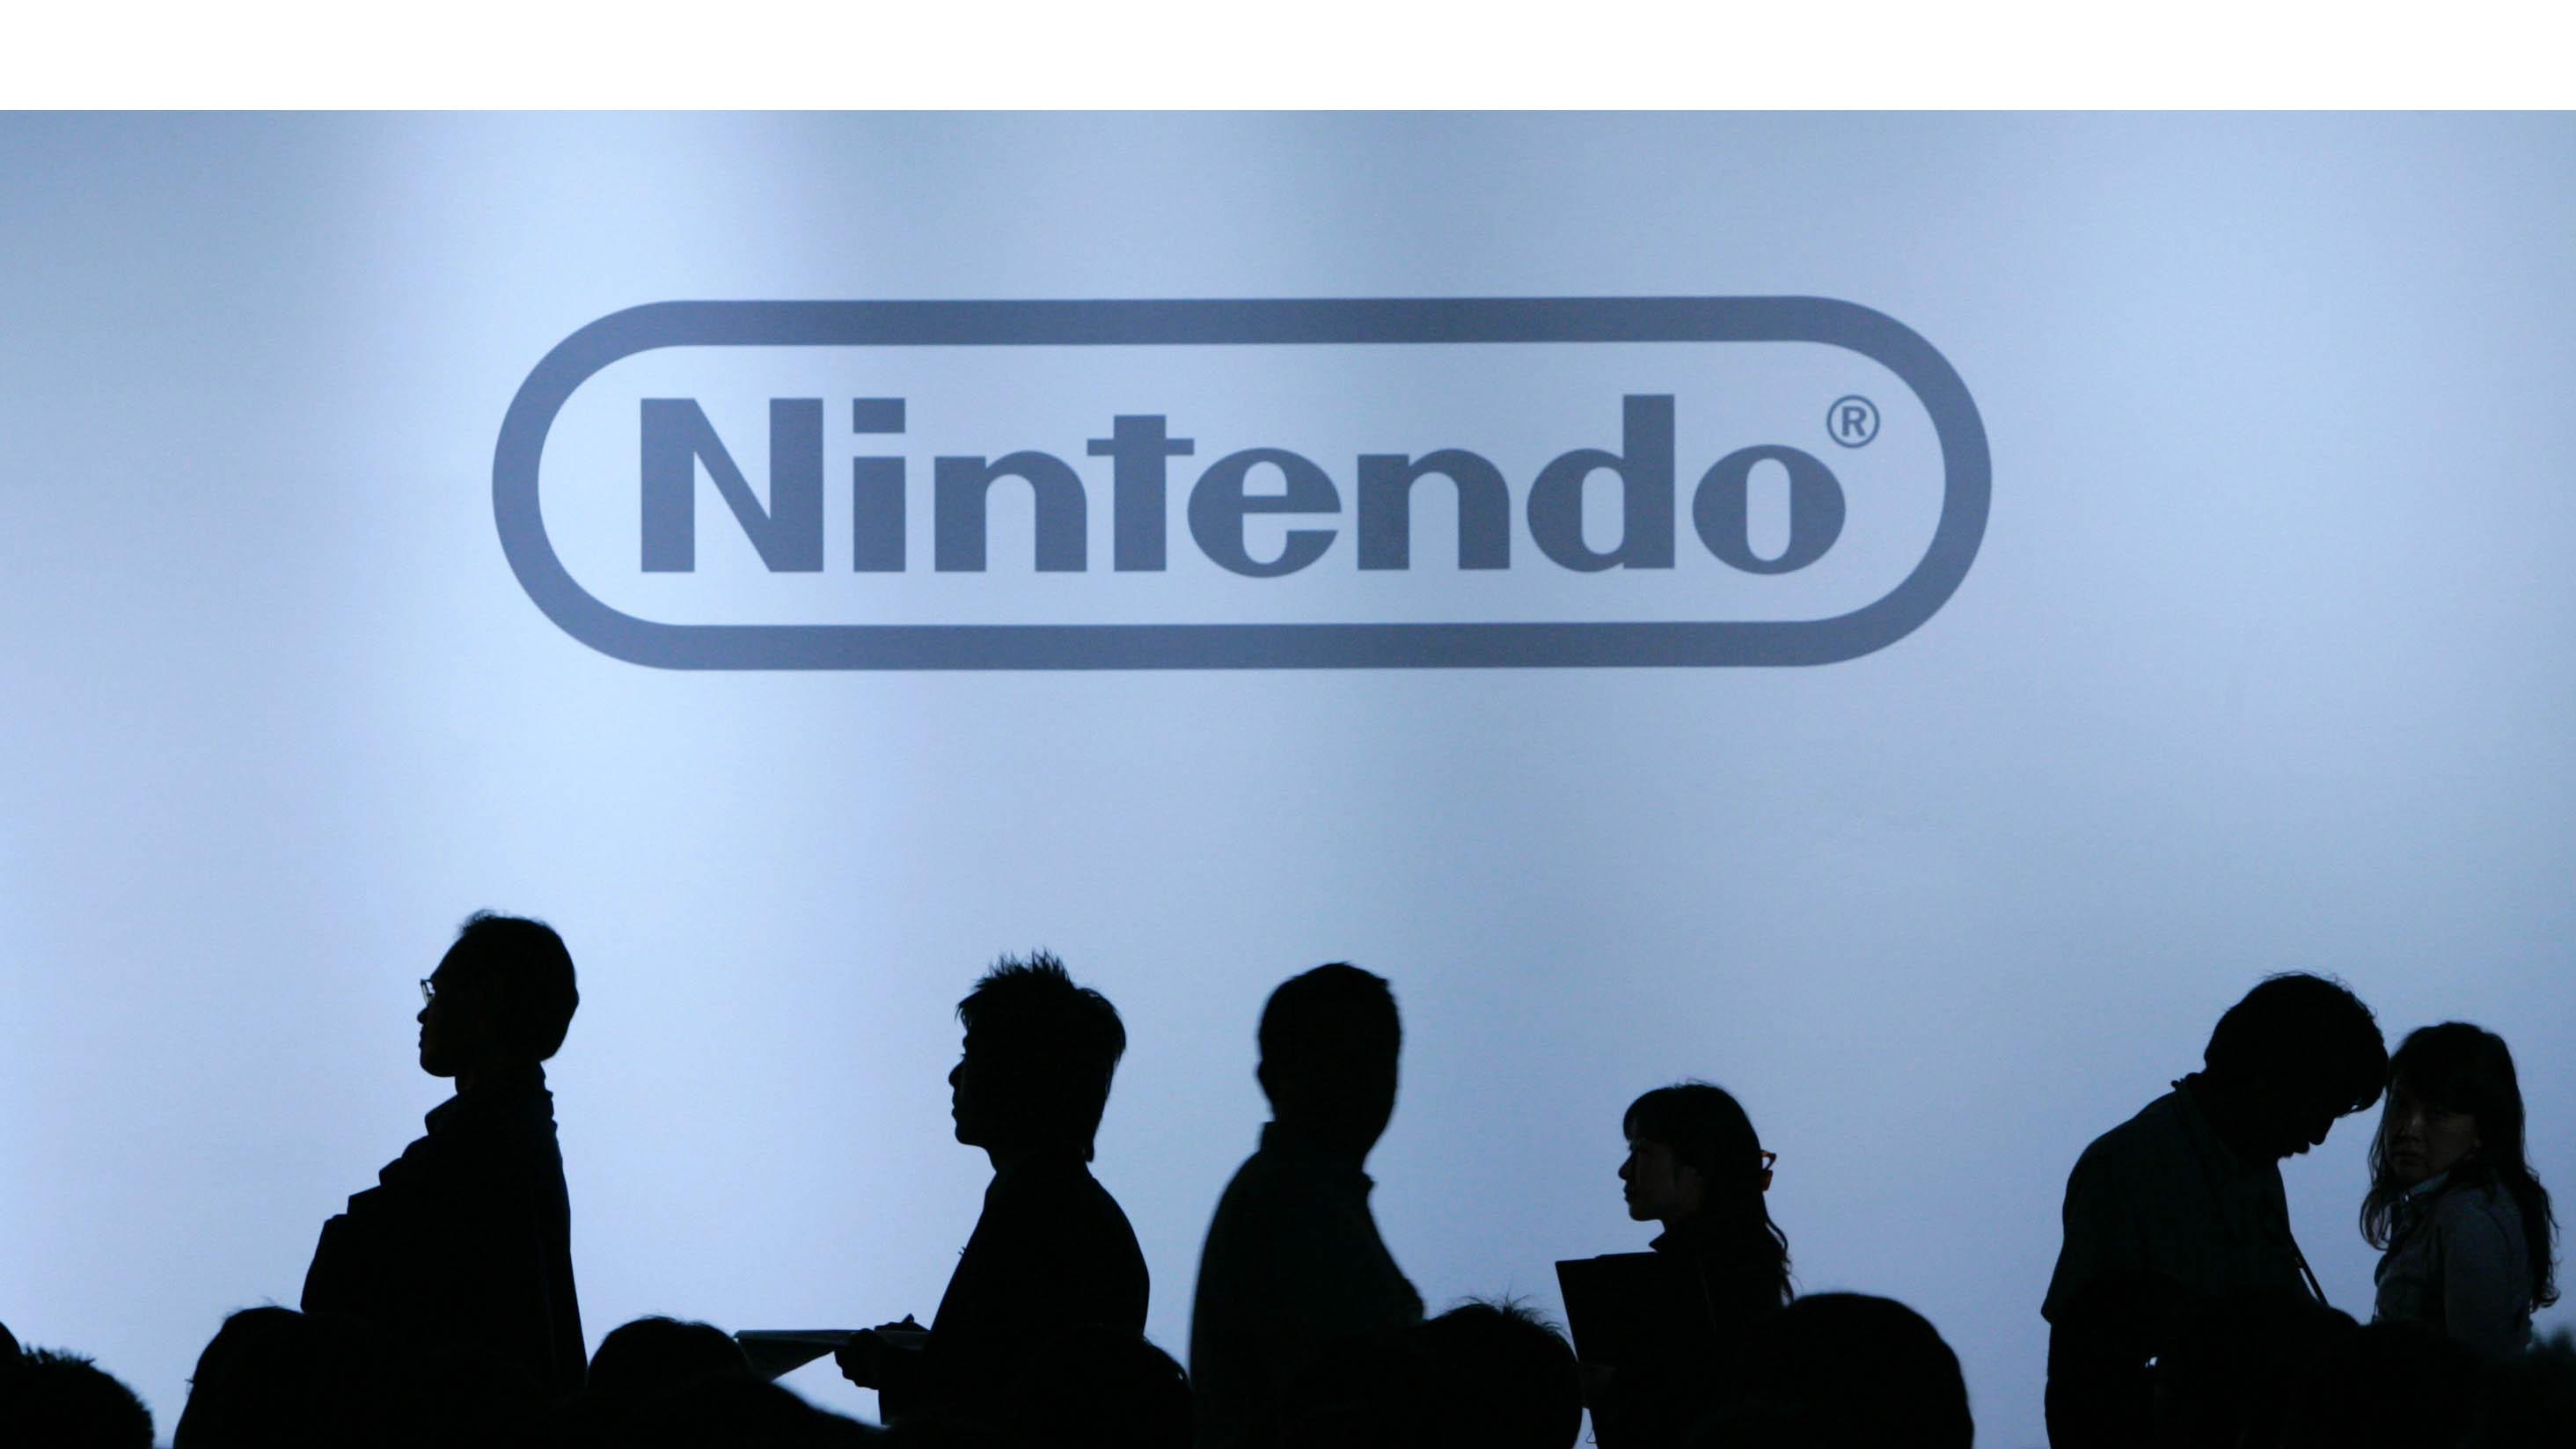 Los ingresos de la compañía de videojuegos cerraron el 31 de marzo con un aumento del 39% respecto del ejercicio anterior